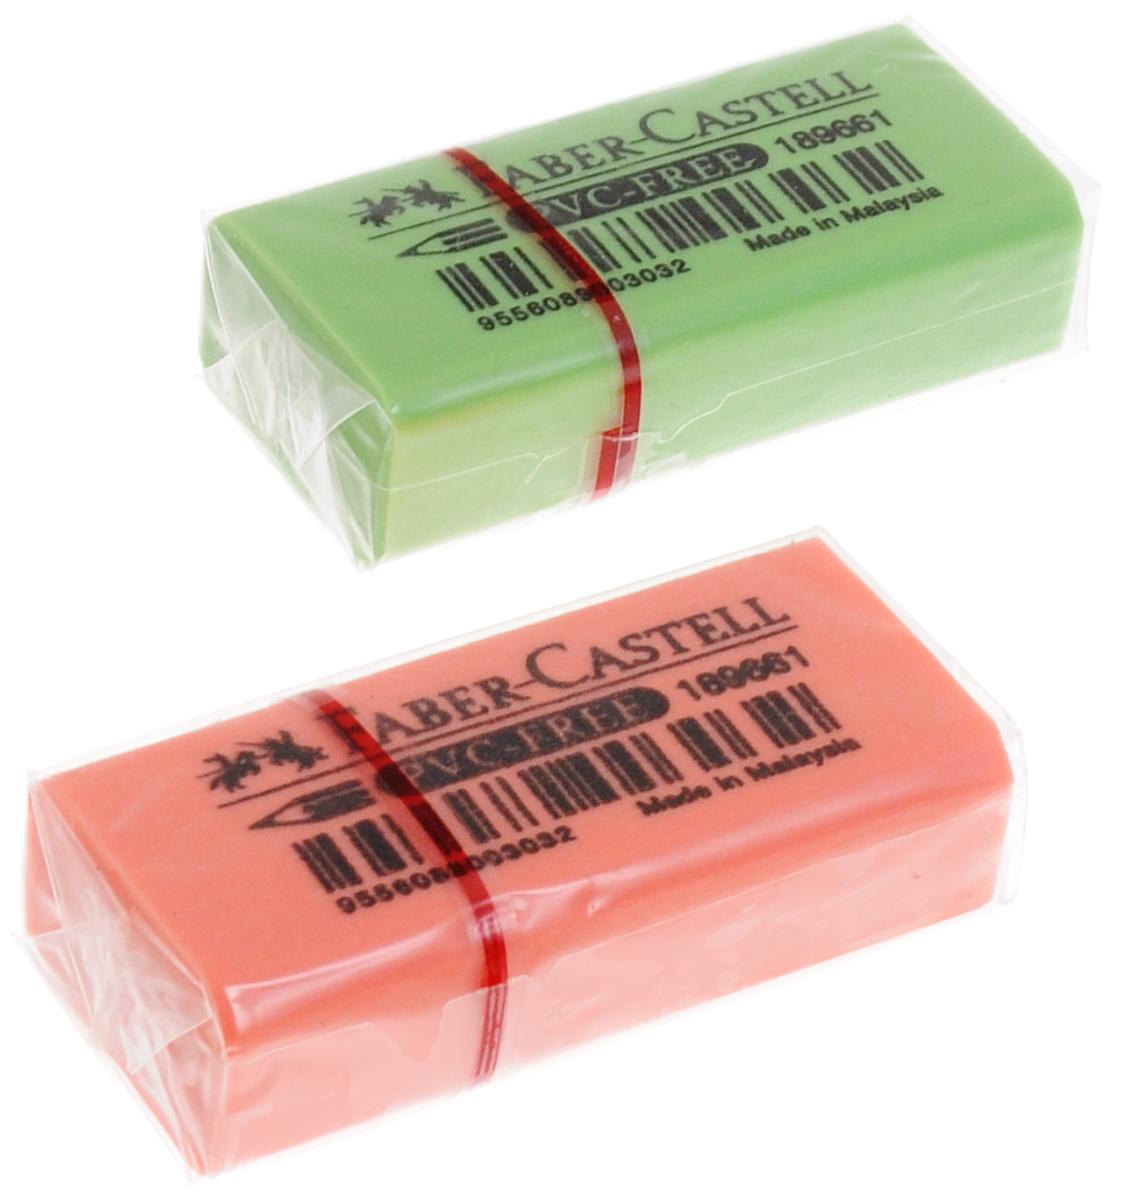 Faber-Castell Ластик флуоресцентный цвет салатовый оранжевый 2 штFS-36052Ластик флуоресцентный Faber-Castell станет незаменимым аксессуаром на рабочем столе не только школьника или студента, но и офисного работника. Аккуратный и не оставляет грязных разводов. Кроме того высококачественный ластик не содержит ПВХ. Не повреждает бумагу даже при многократном стирании.В наборе 2 ластика.